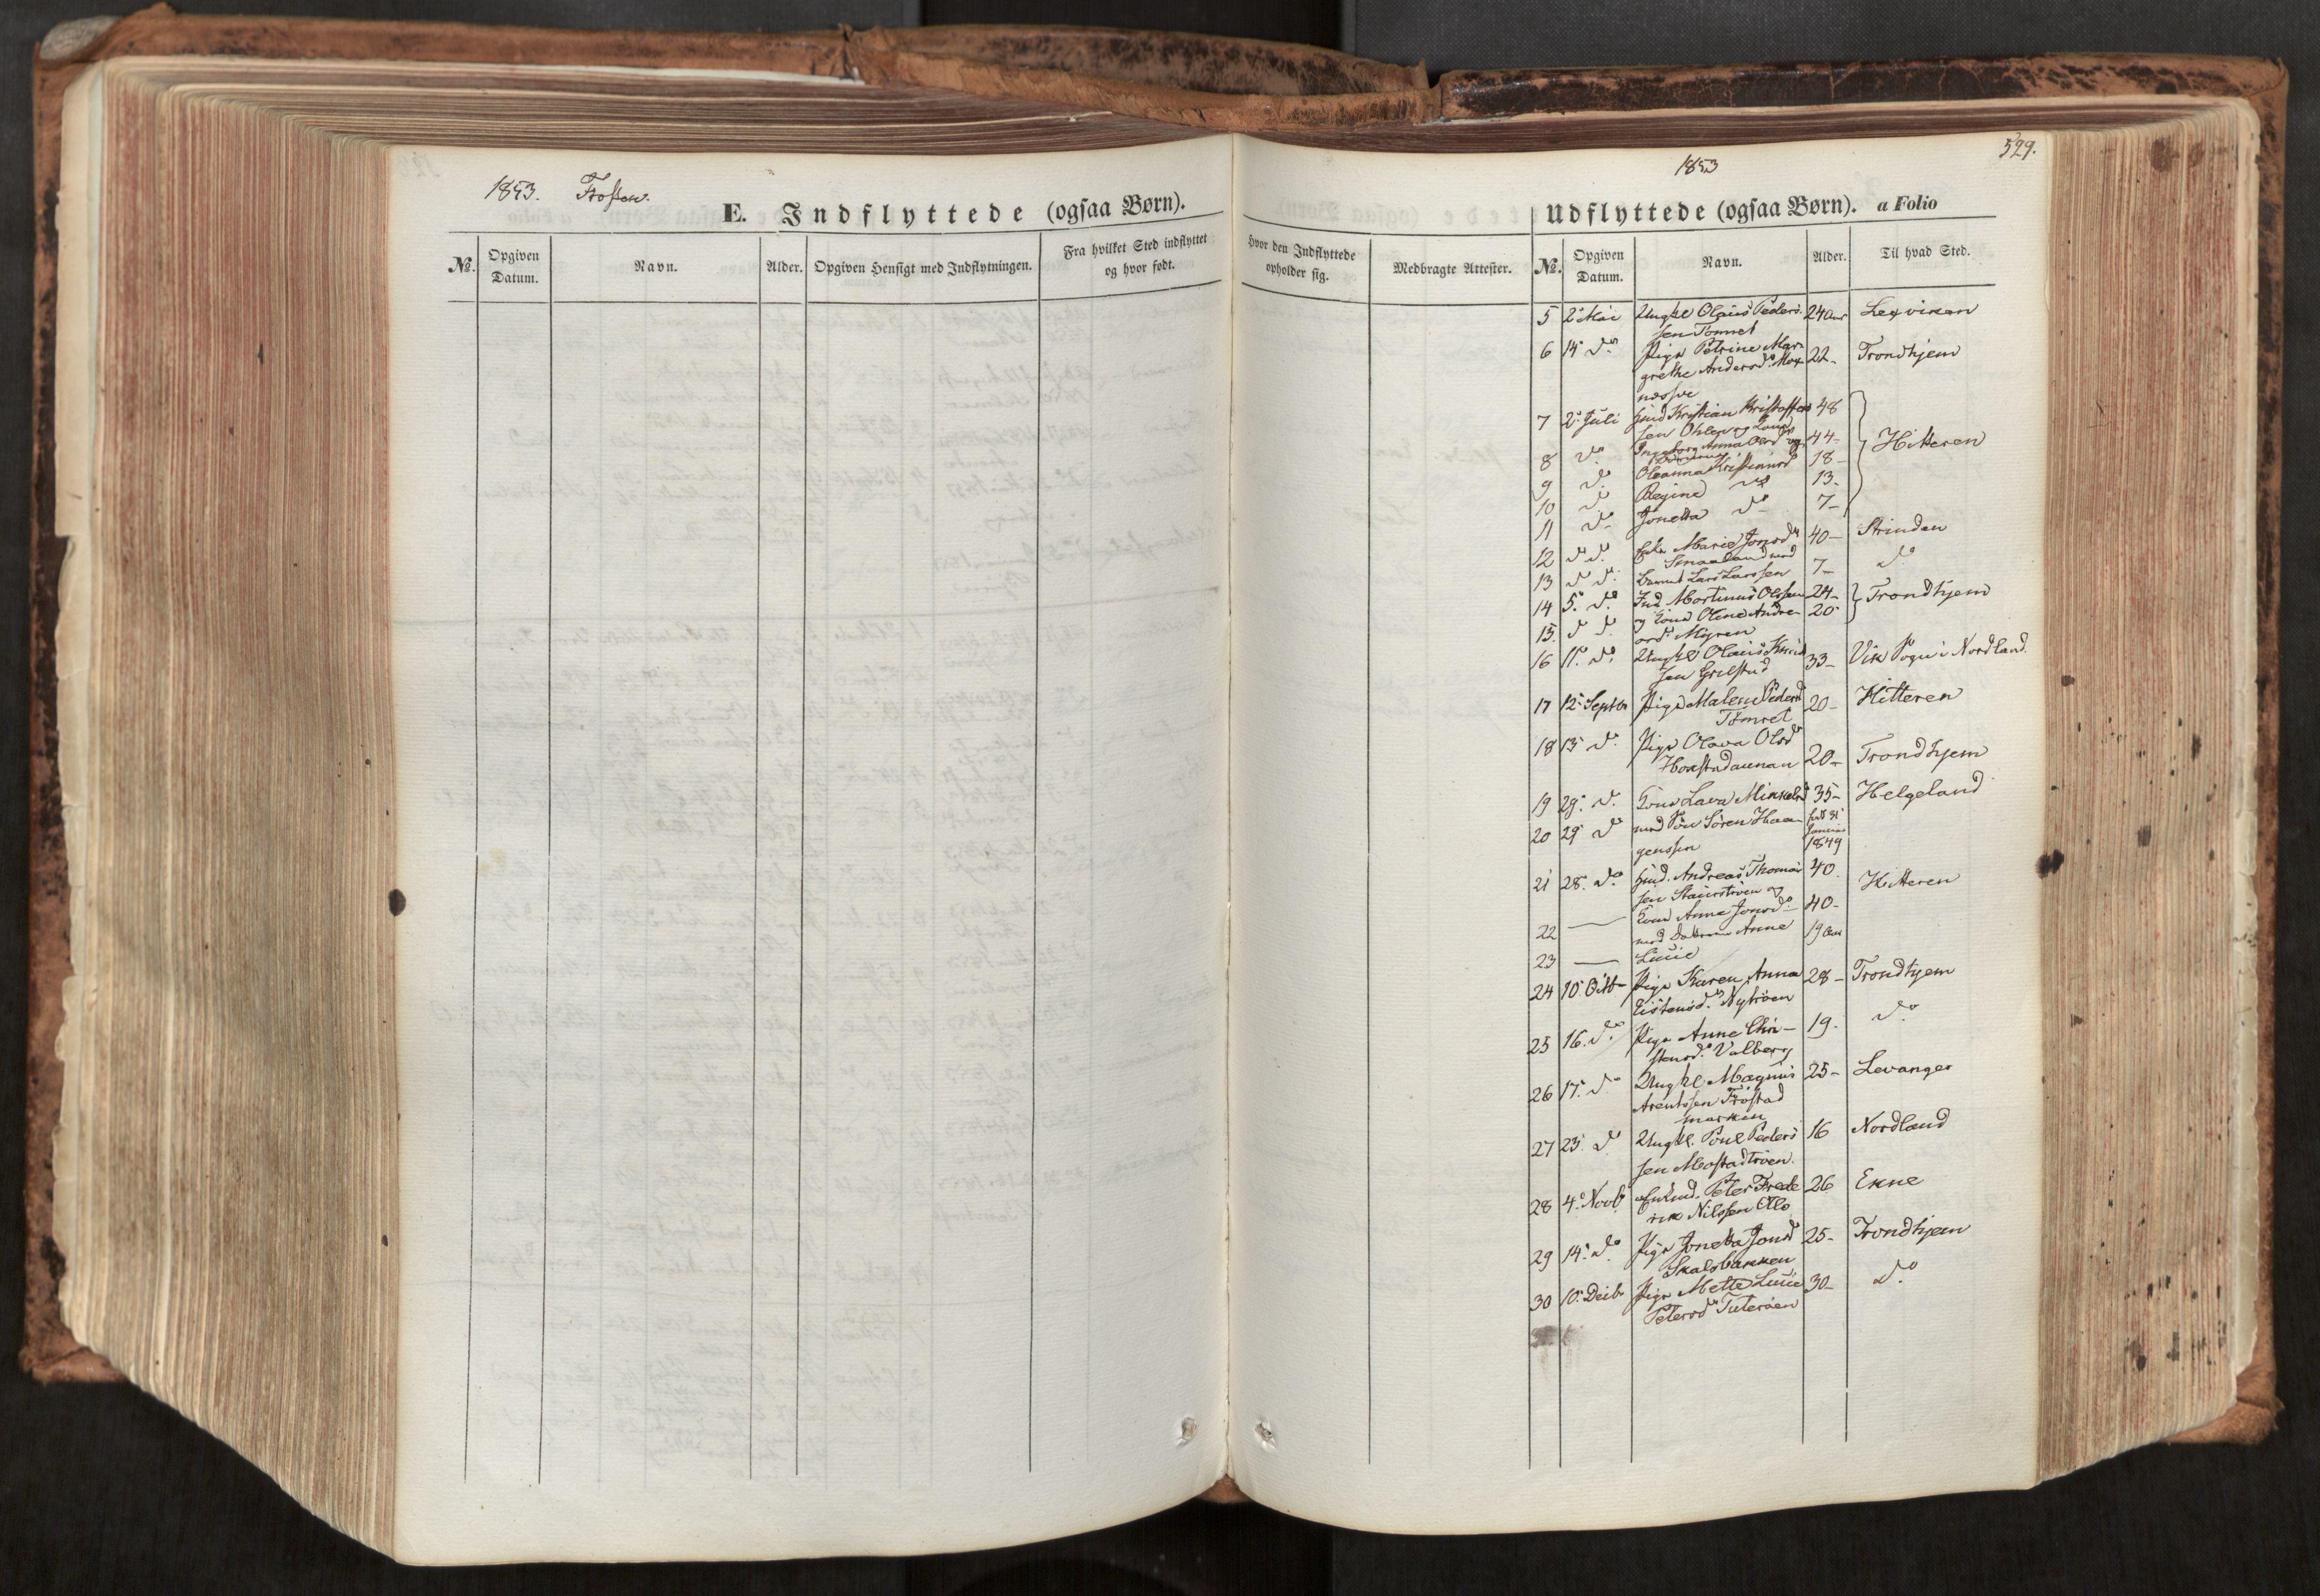 SAT, Ministerialprotokoller, klokkerbøker og fødselsregistre - Nord-Trøndelag, 713/L0116: Ministerialbok nr. 713A07, 1850-1877, s. 529